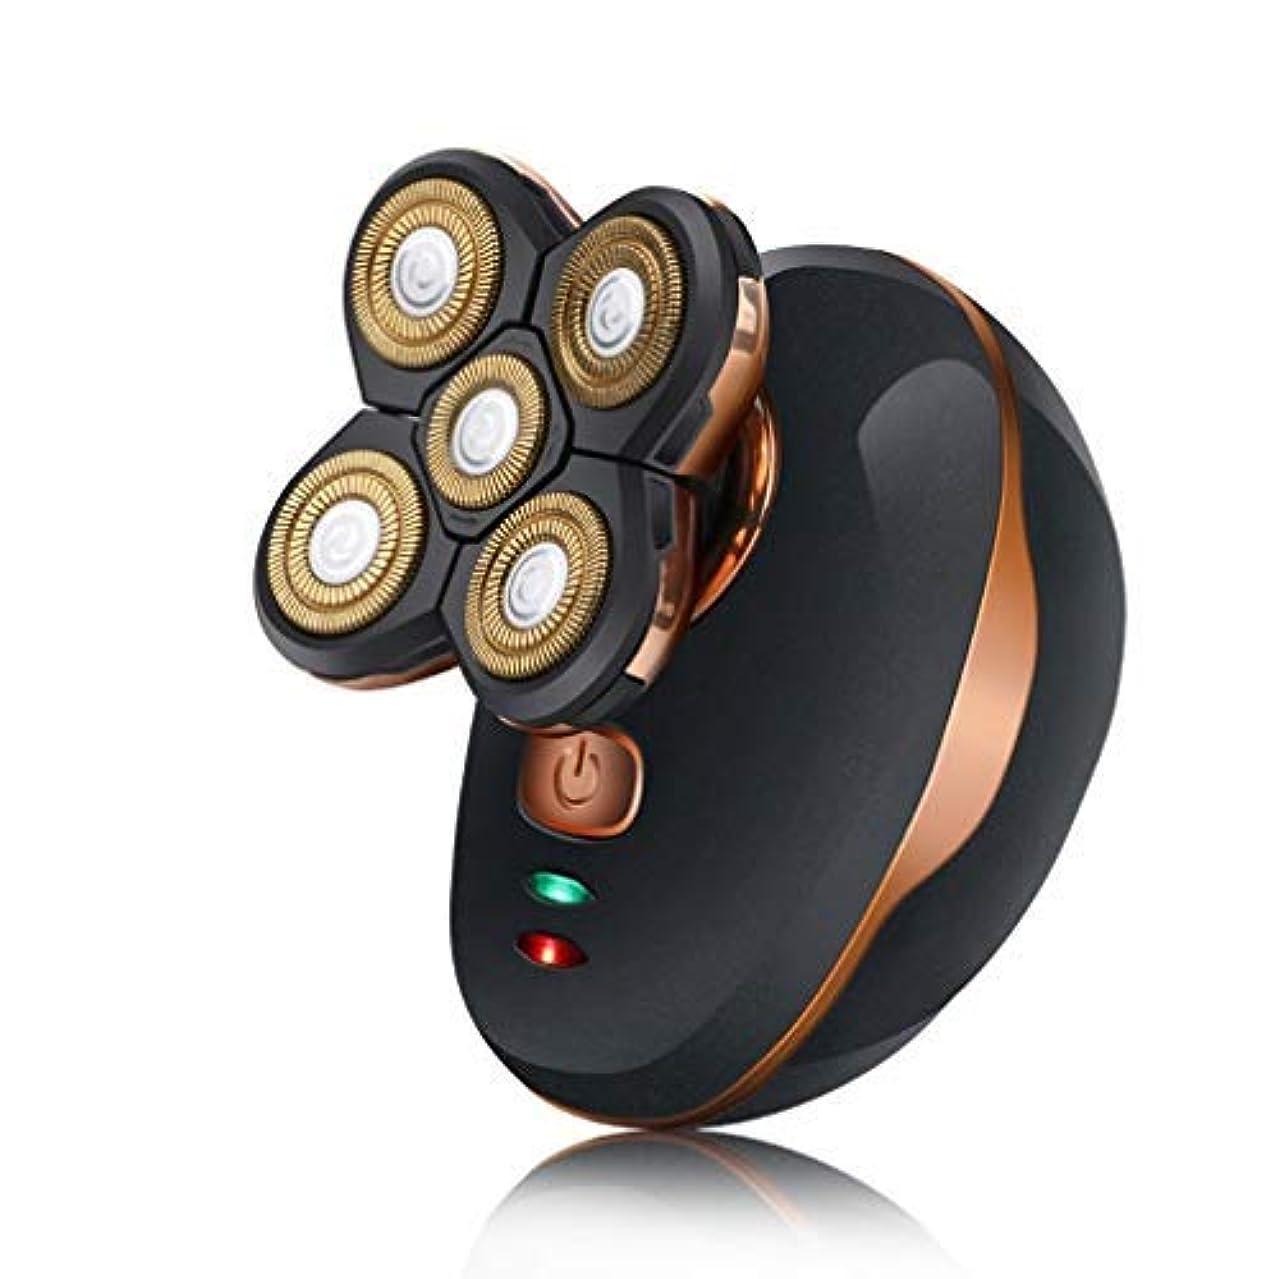 映画顎解釈的耐久性のある一般的な5頭防水シェービング刃カミソリ電気シェーバー用USB充電式ウェットドライポータブル